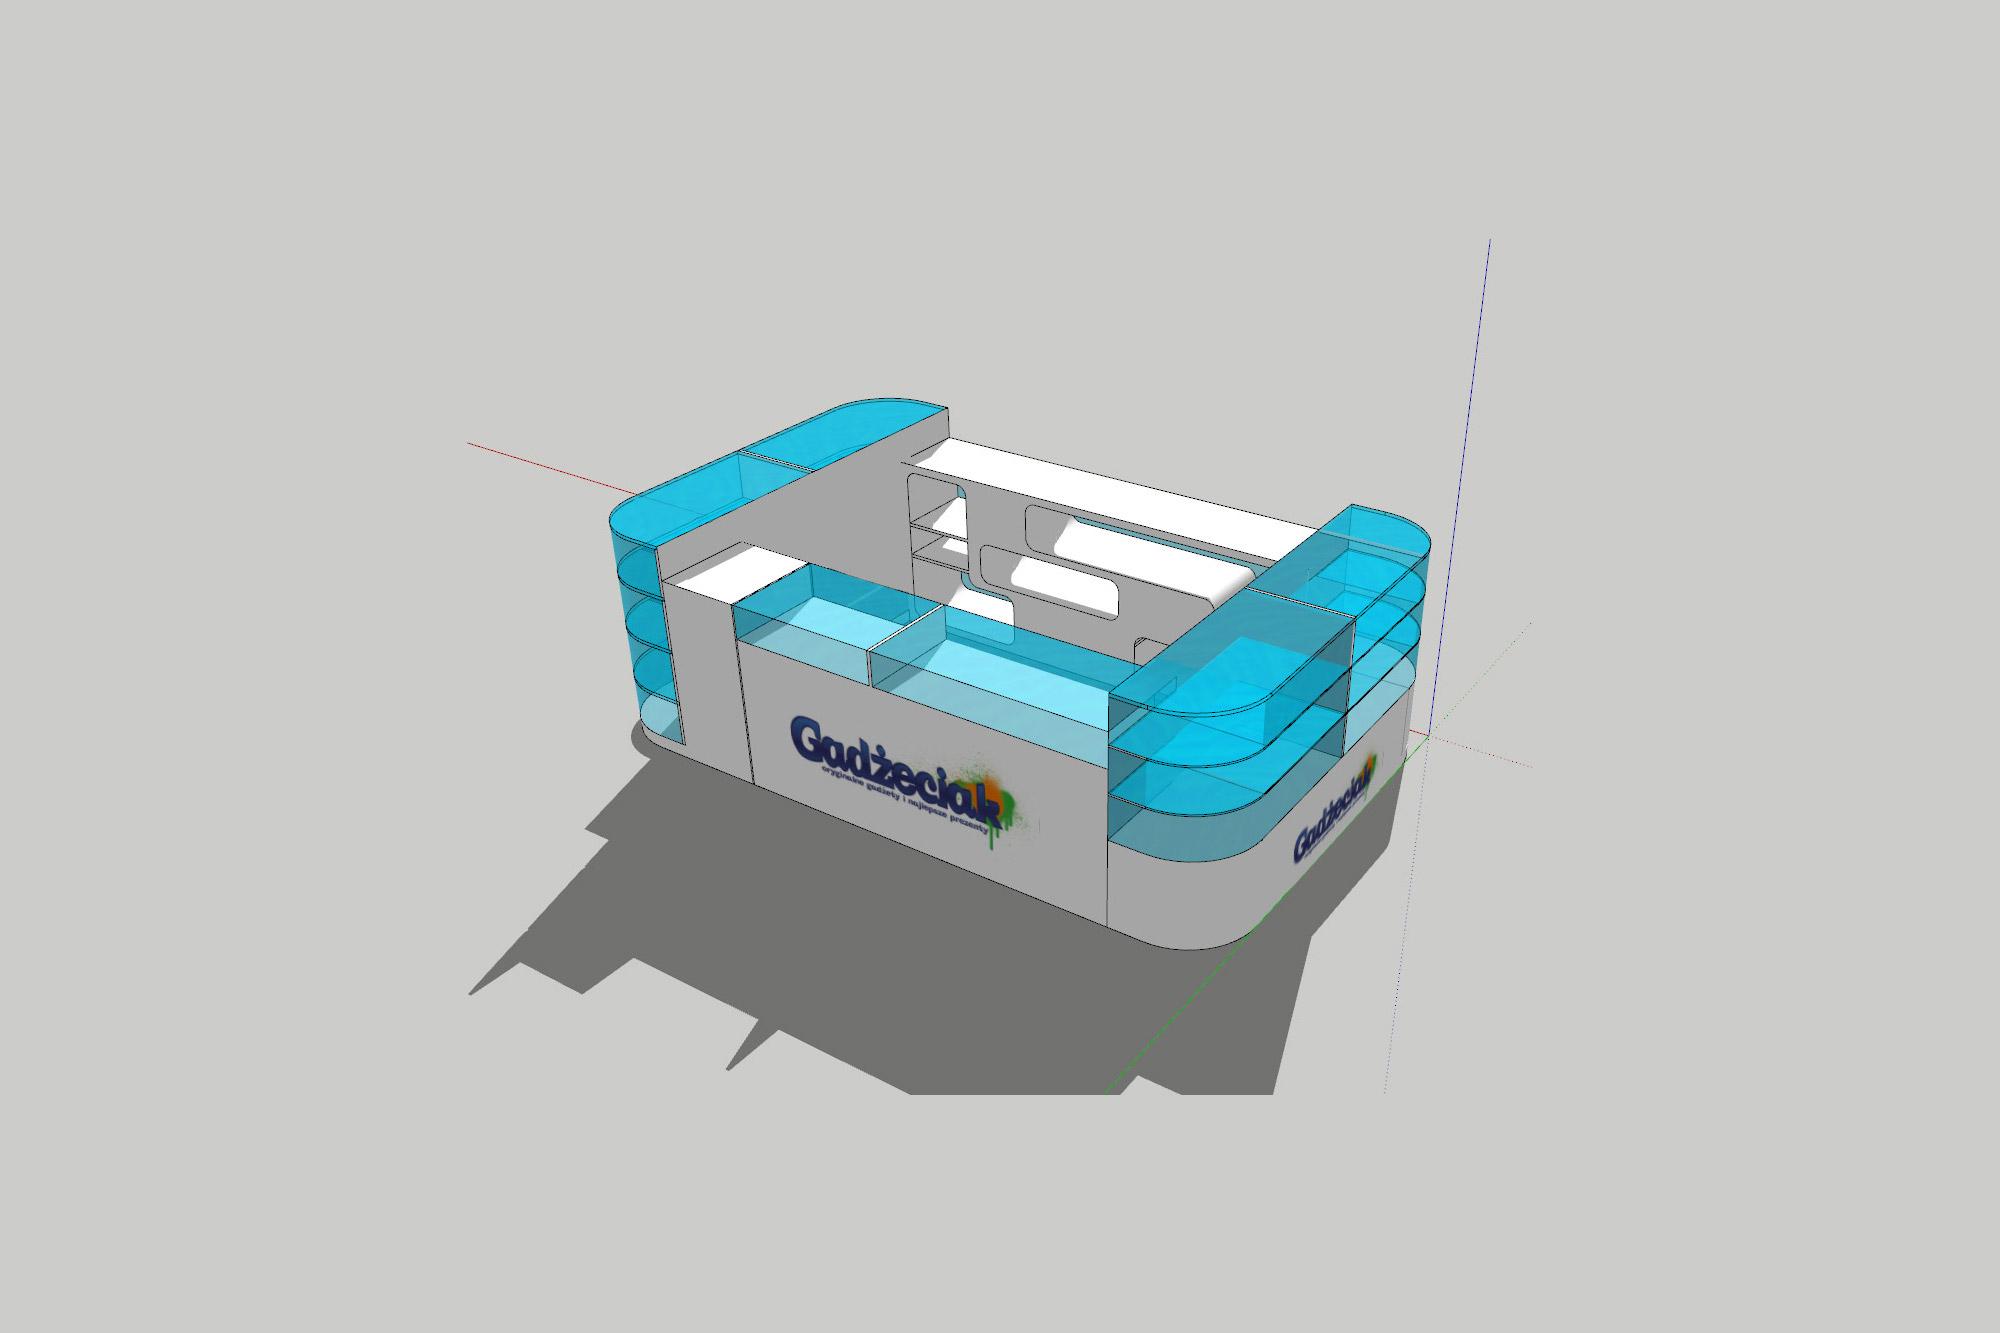 projektowanie stoisk na targi, projektowanie stoisk, projekt 3d stoiska